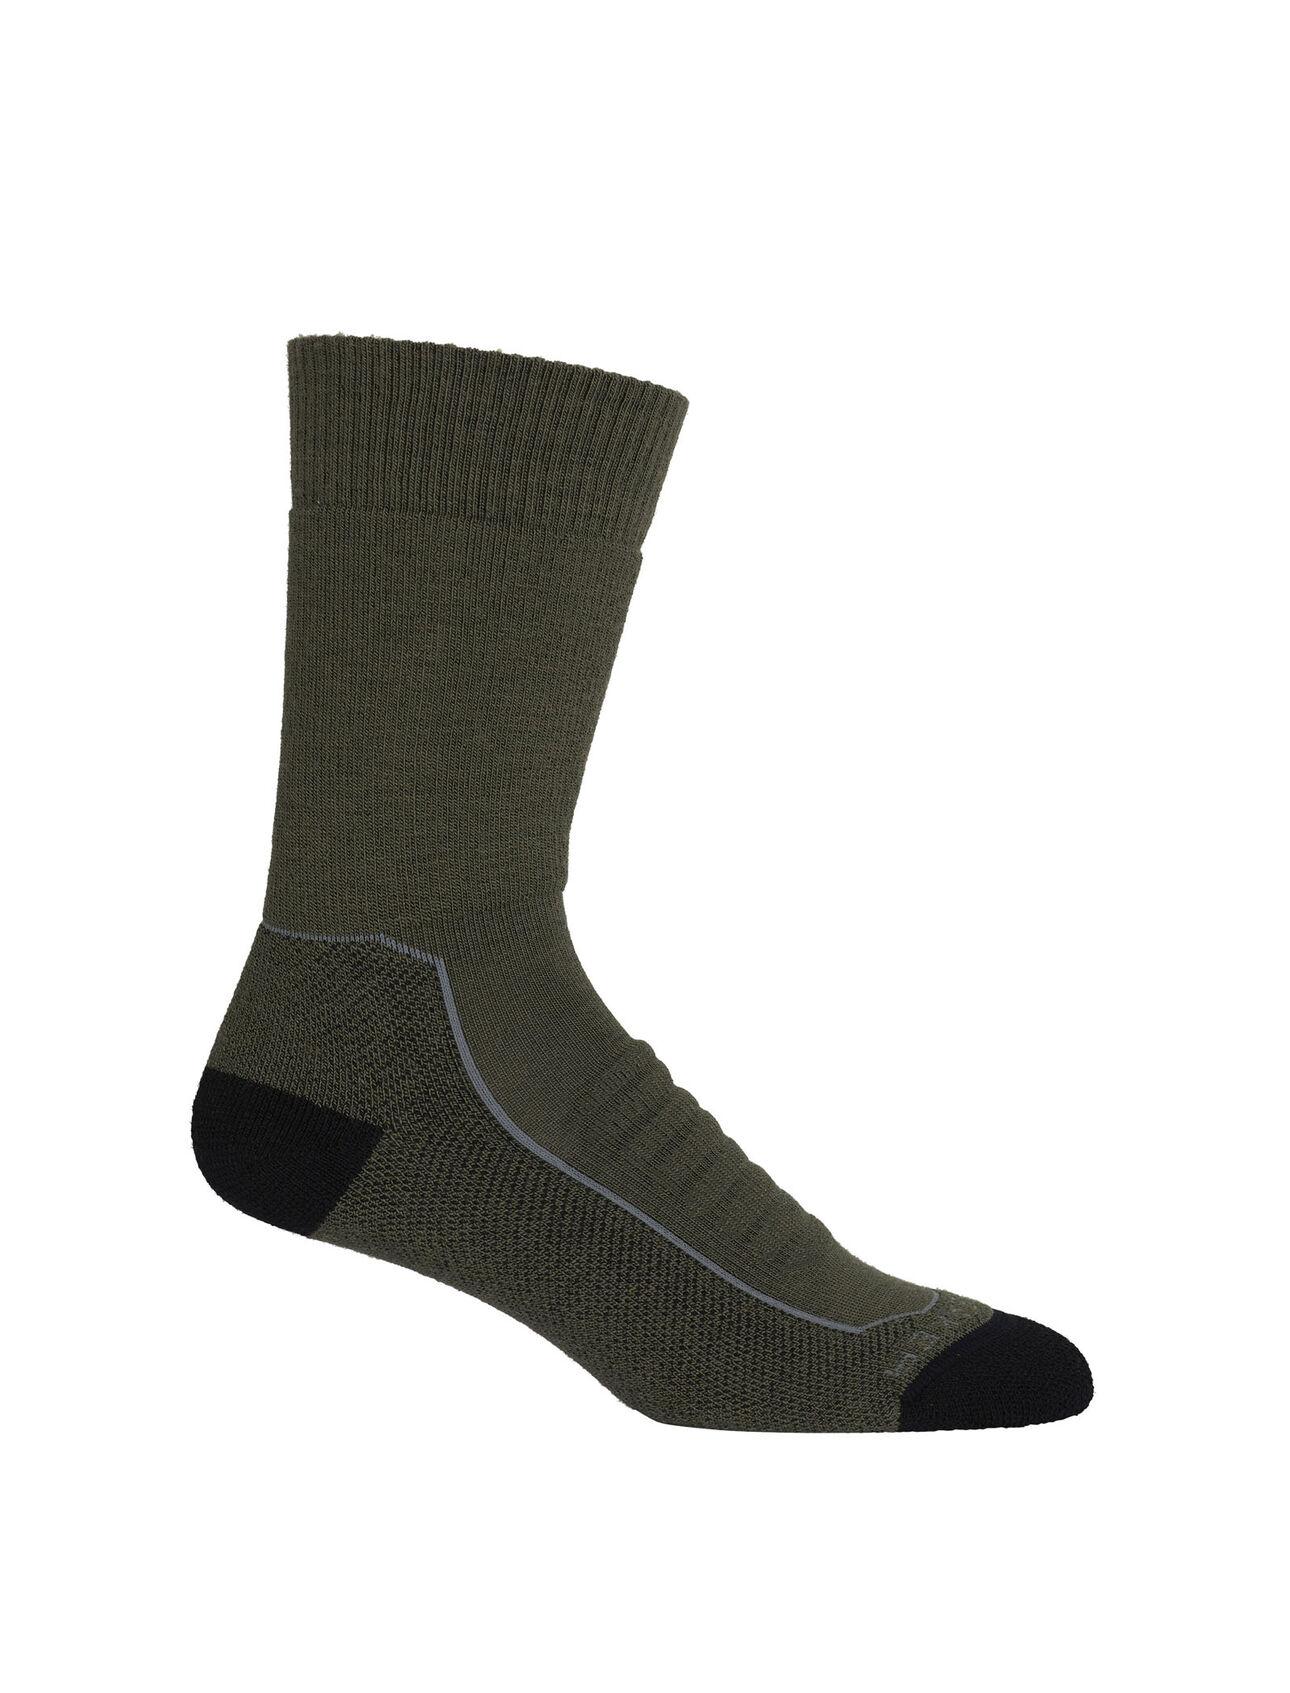 Merino Hike+ Heavy Crew Socks